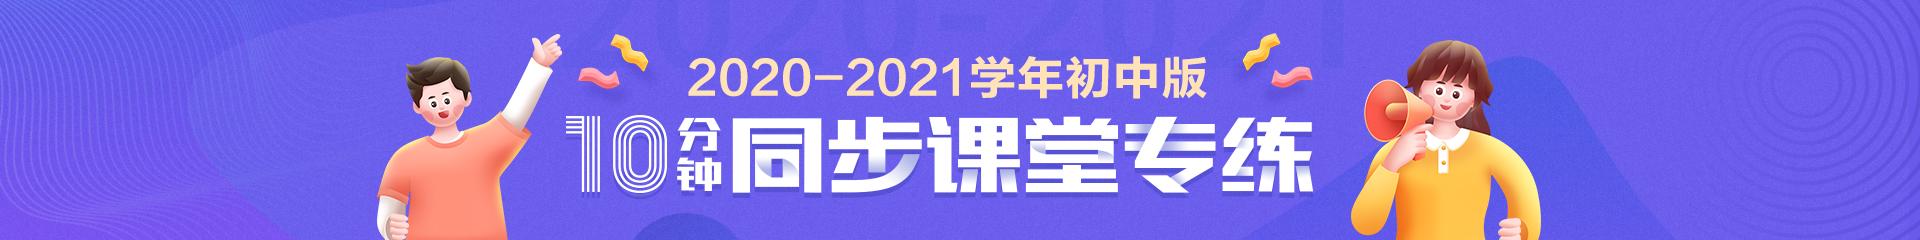 2020-2021学年初中十分钟同步课堂专练